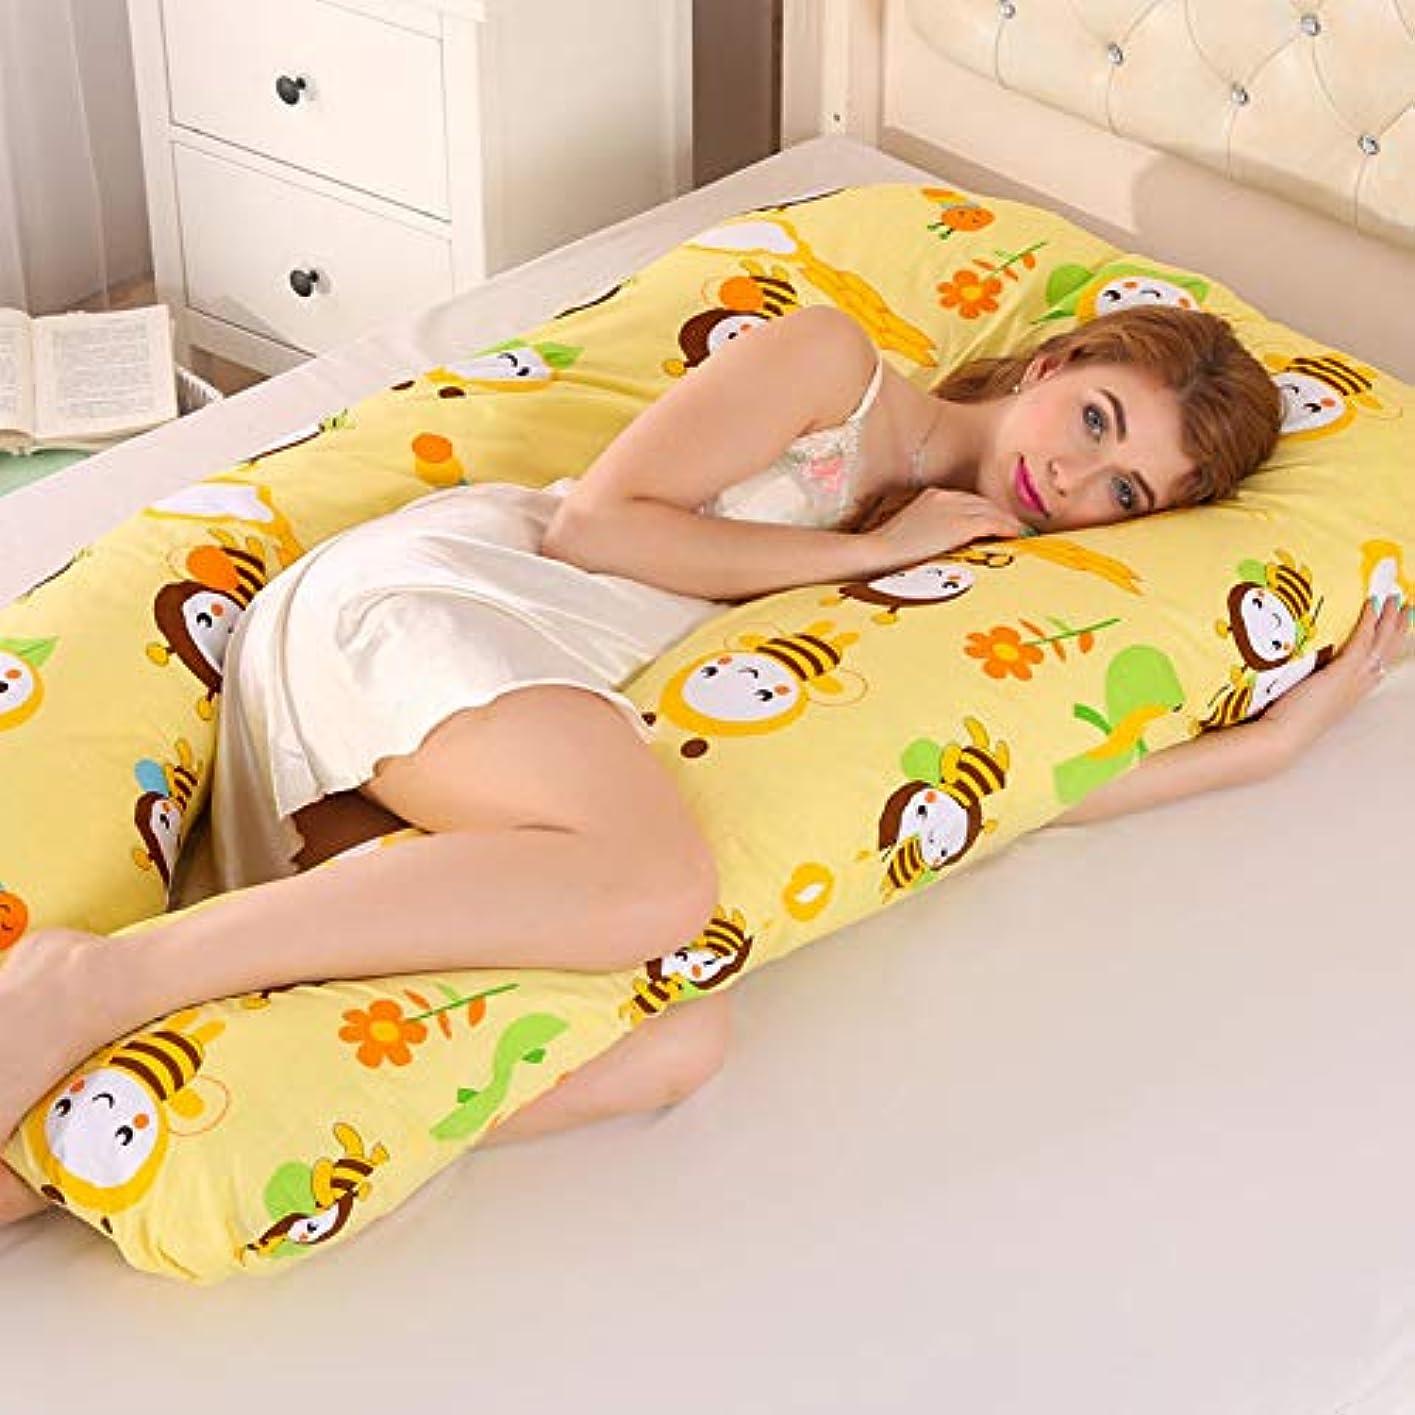 抽象植物学者理論的Tengfly U形枕妊娠中の女性側睡眠スリーパー快適で取り外し可能なウエストサポート